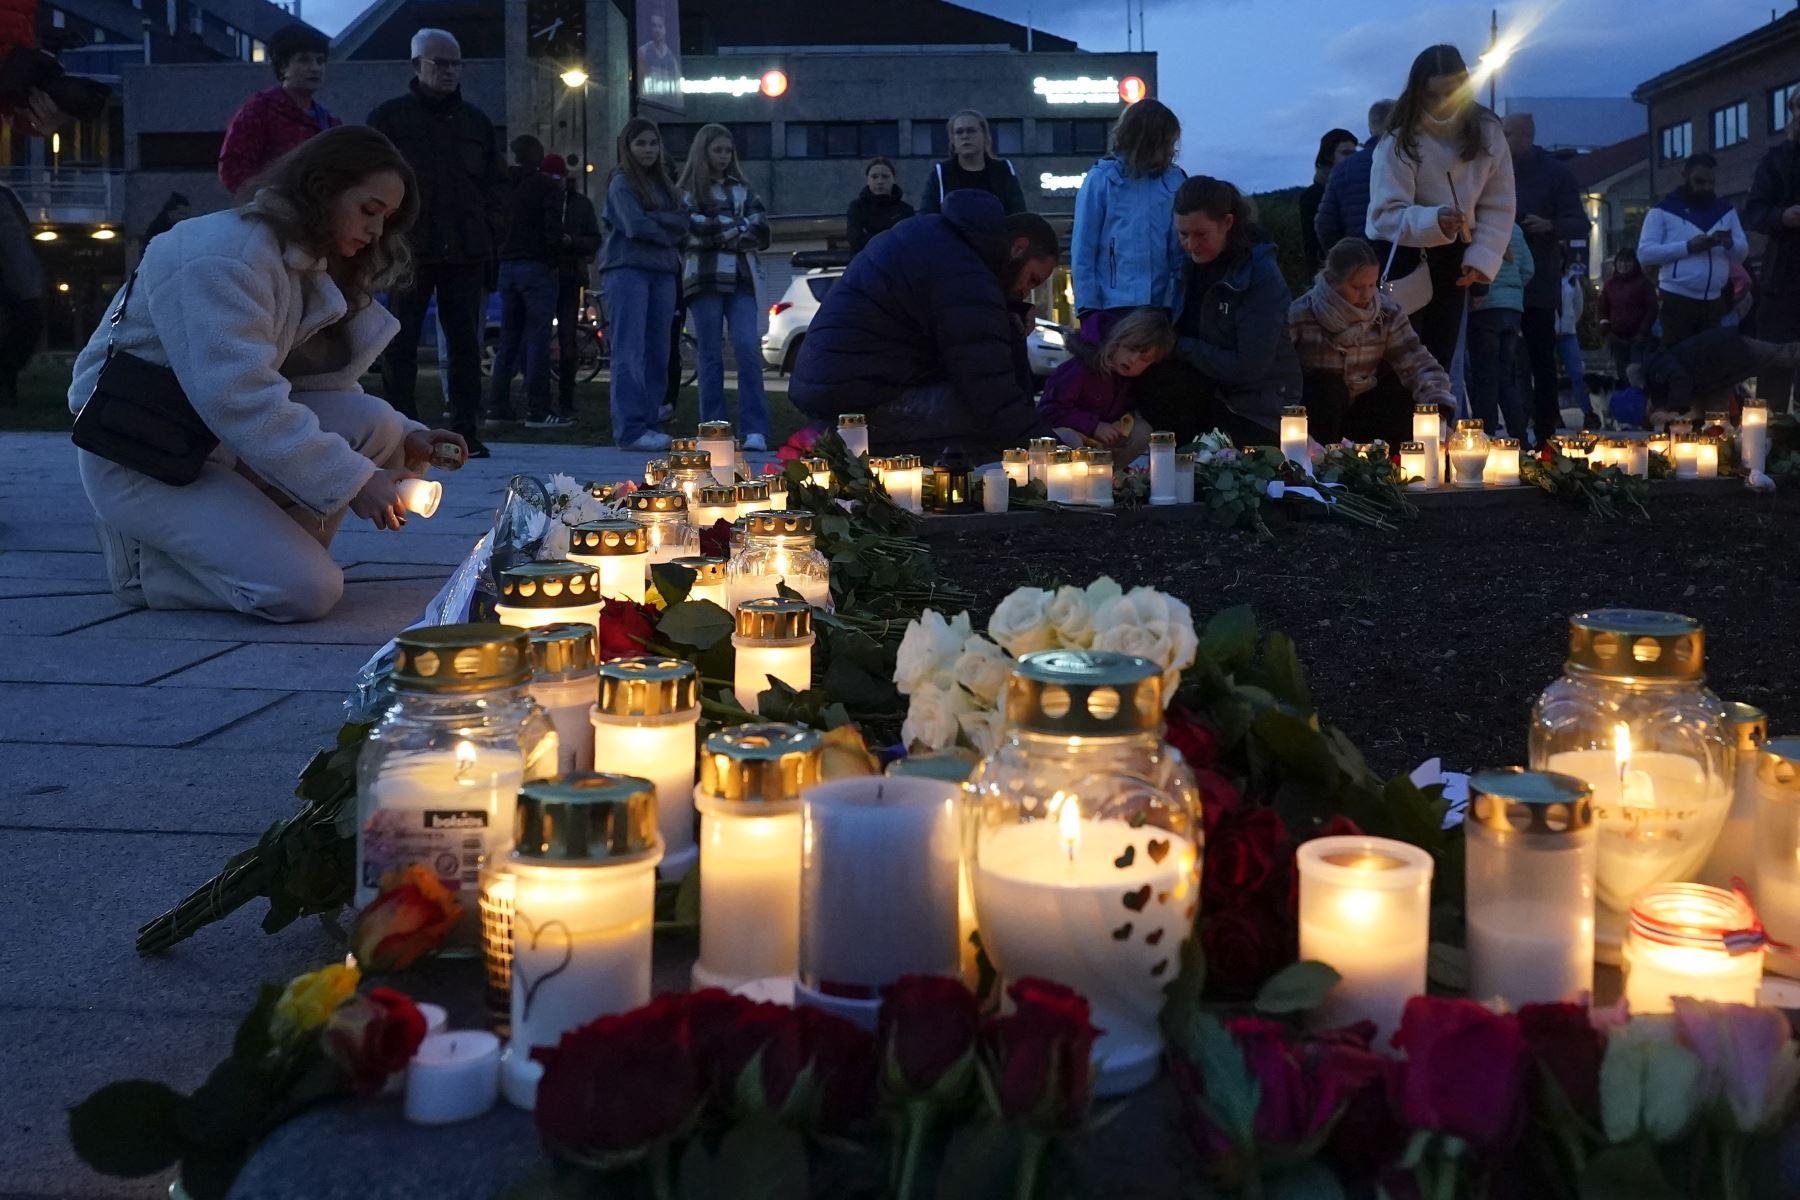 Cinco personas murieron y otras tres resultaron heridas en este ataque, que causó una gran conmoción en el apacible reino escandinavo, donde en la última década se perpetraron dos atentados de la ultraderecha. Foto: AFP